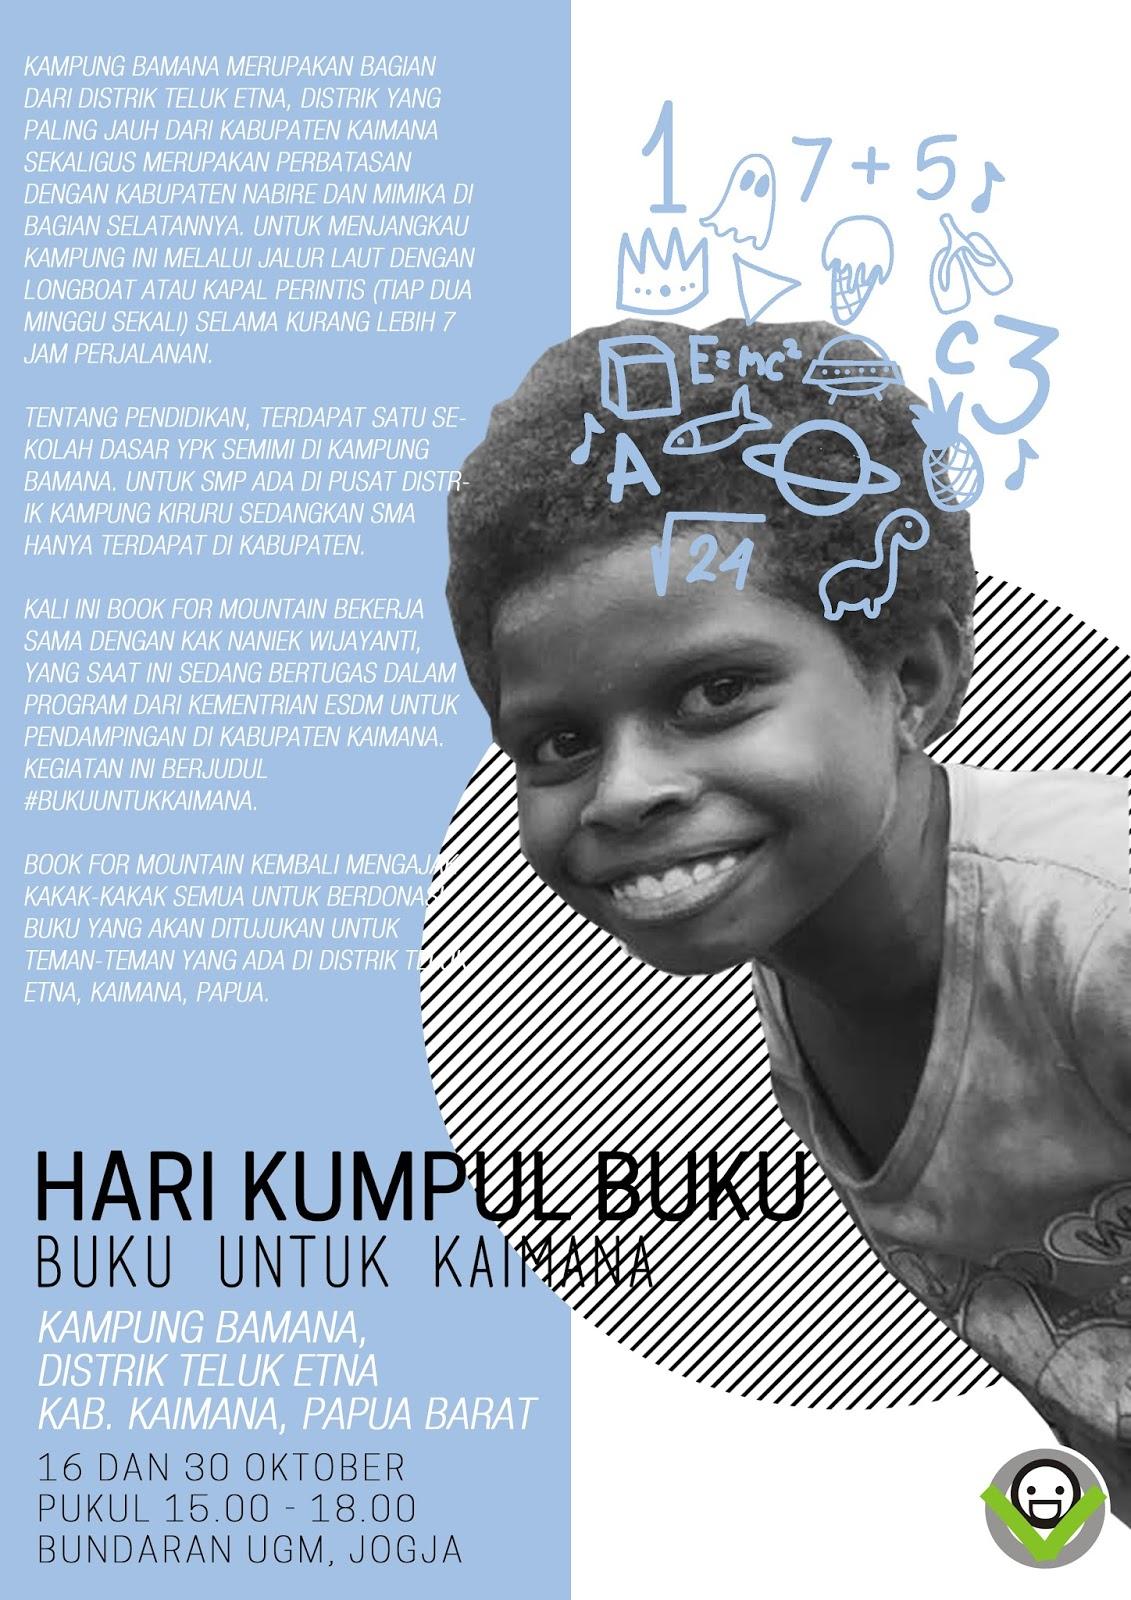 Project Perpustakaan Book for Mountain di Kampung Bamana Distrik Teluk Etna Kabupaten Kaimana Papua Barat